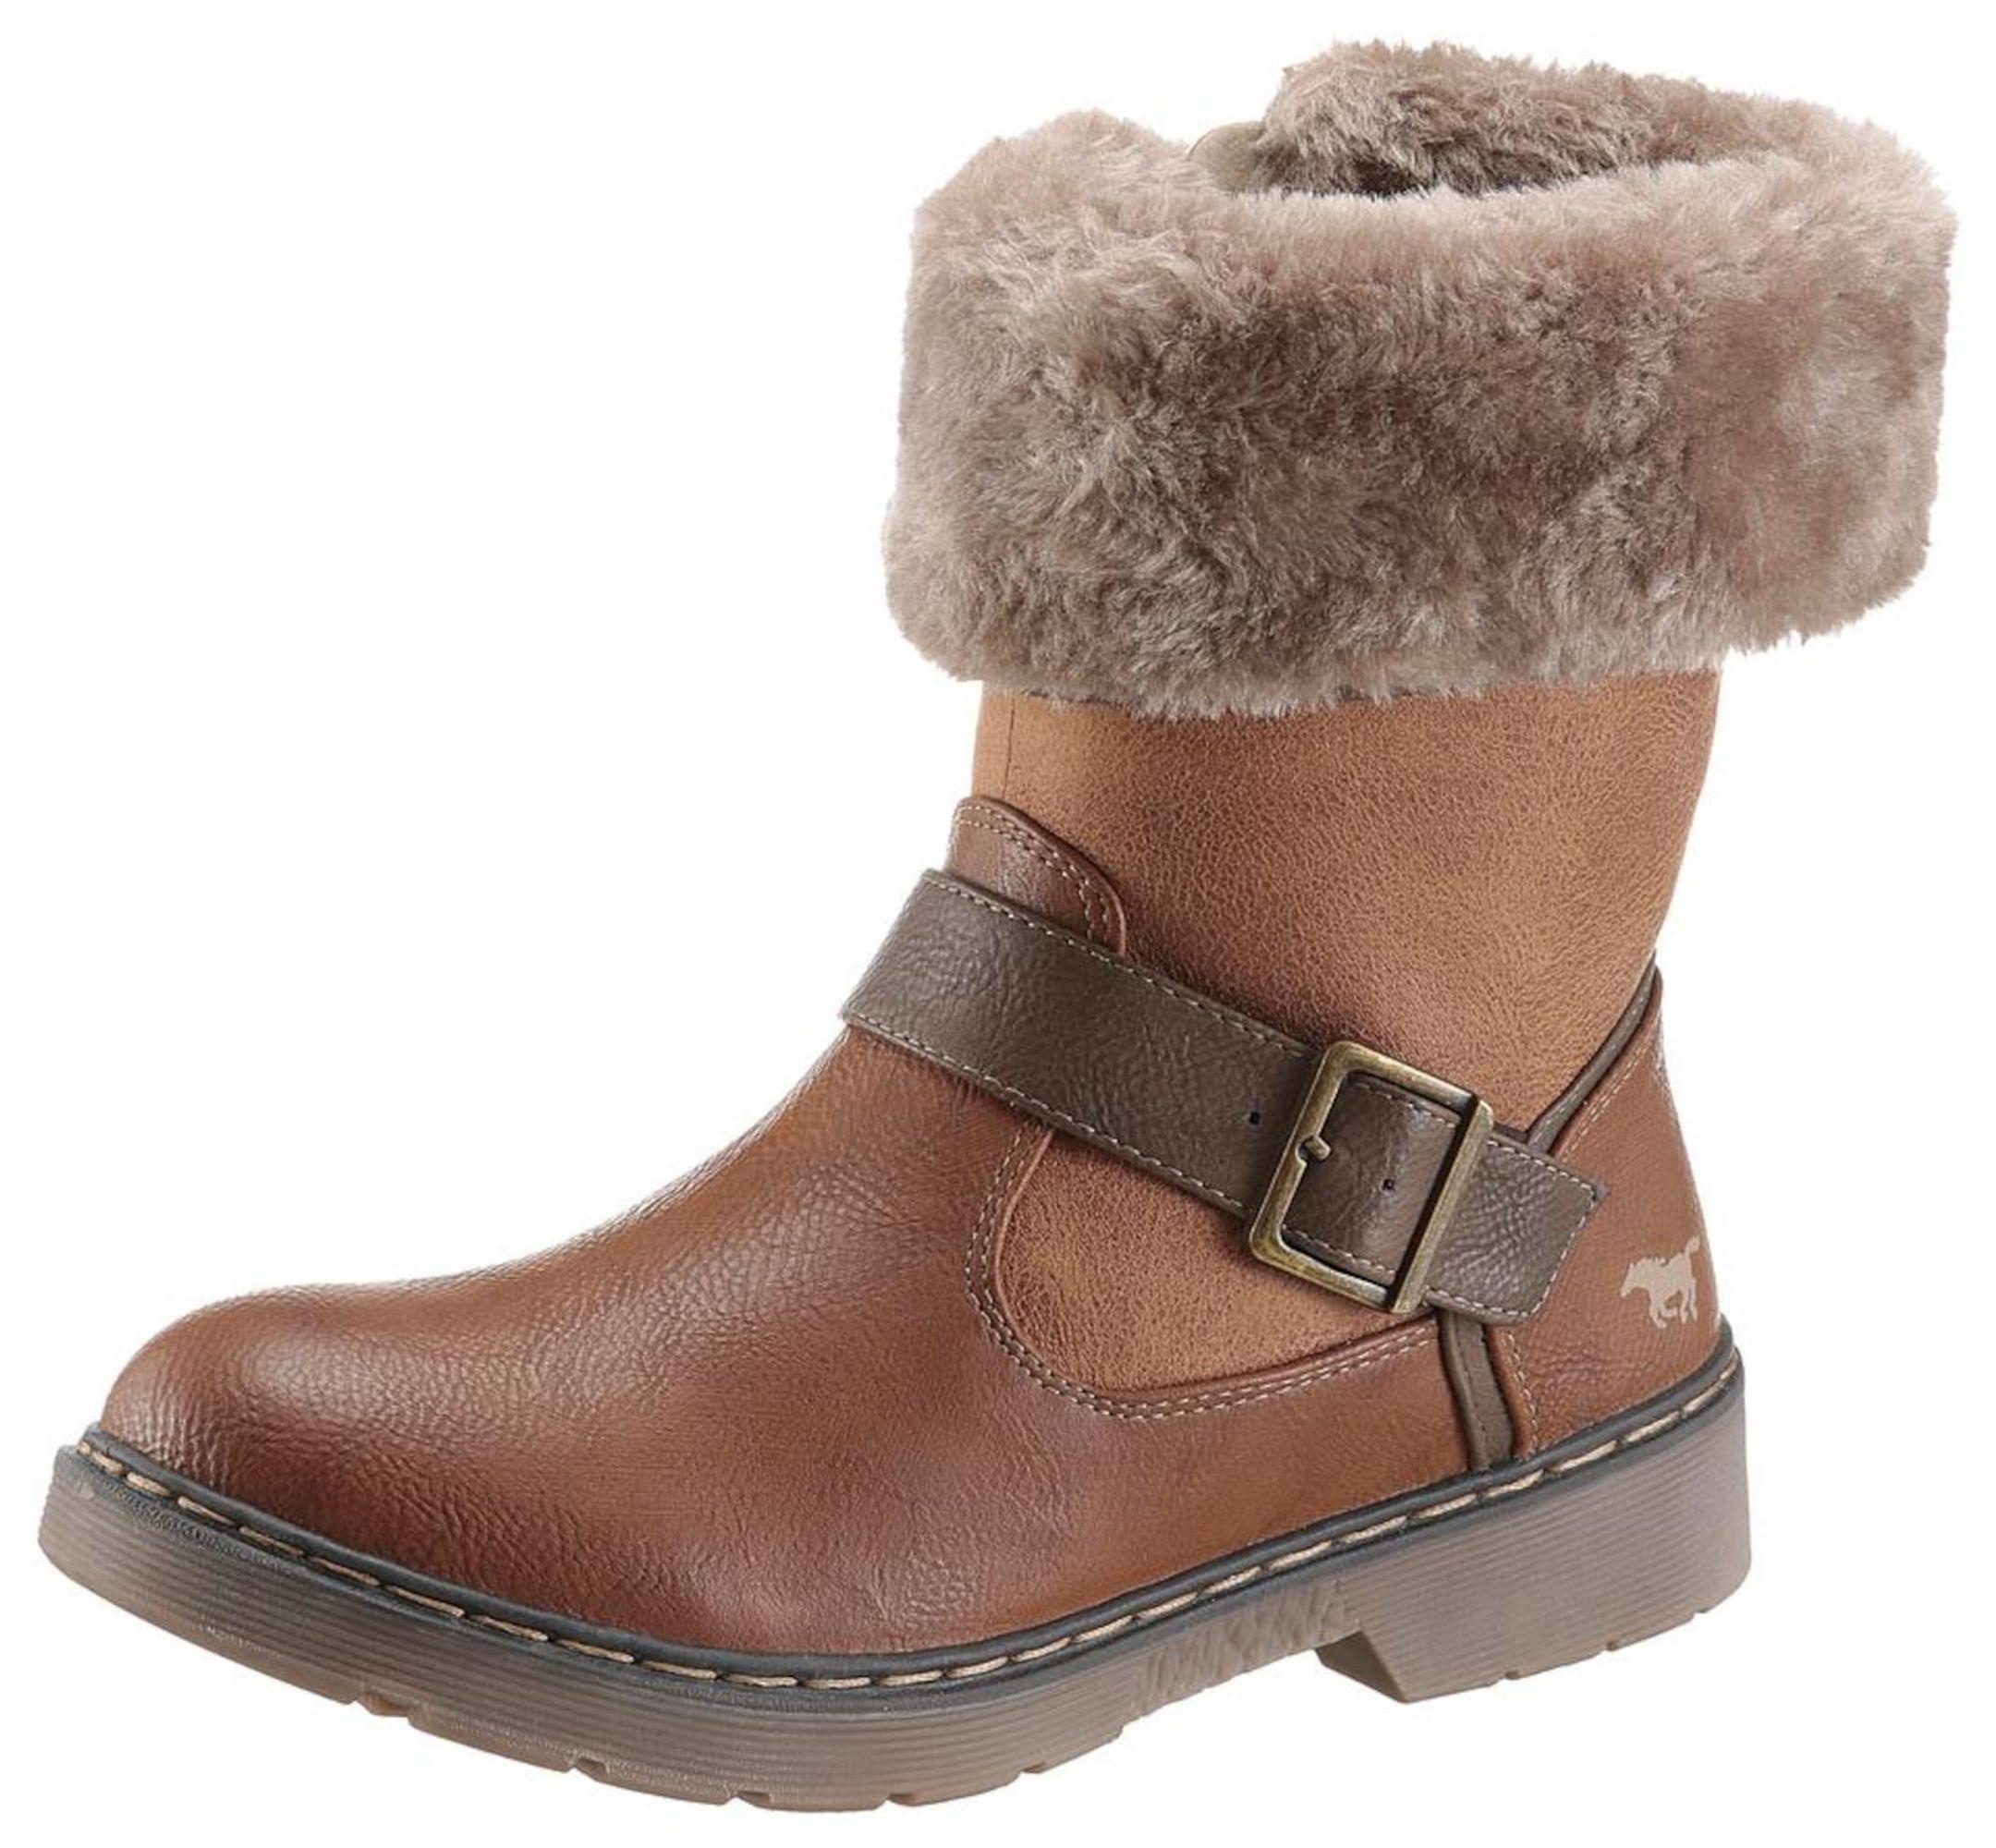 Shoes Winterstiefelette